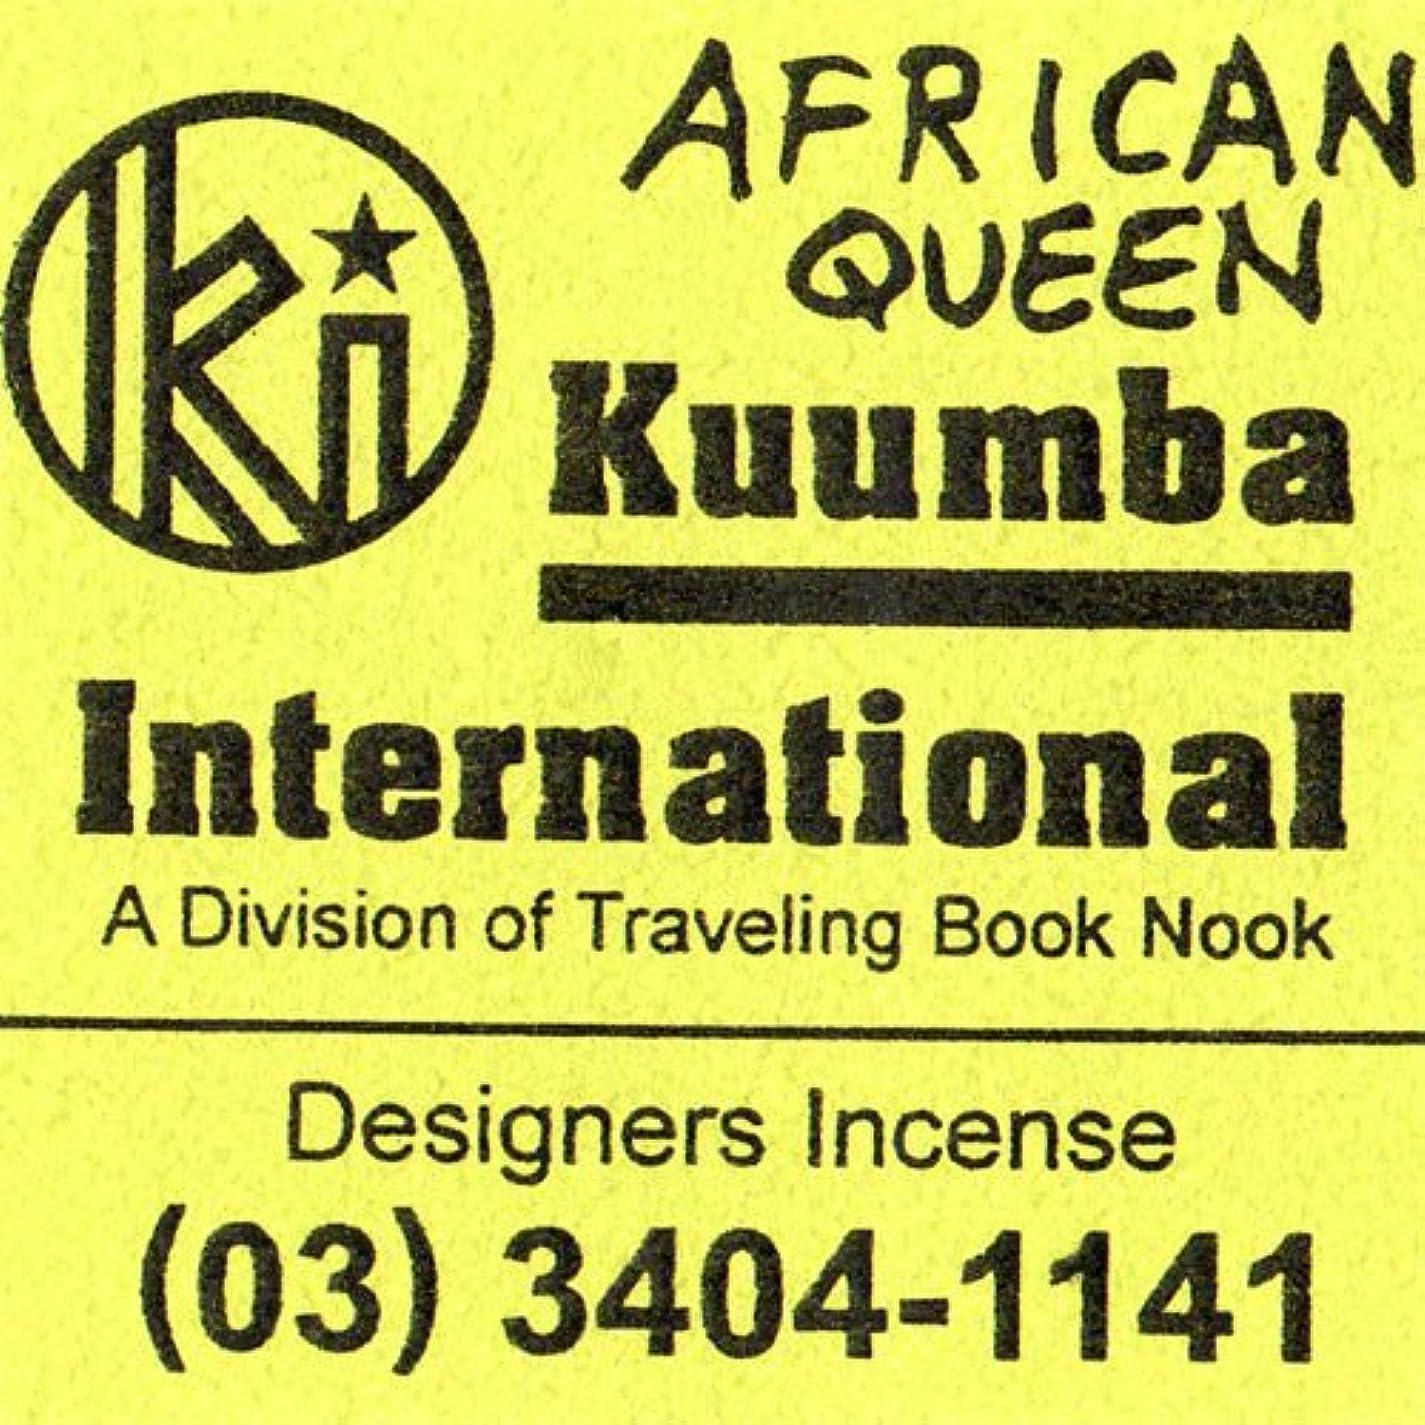 早く手書きサーキットに行く(クンバ) KUUMBA『incense』(AFRICAN QUEEN) (Regular size)